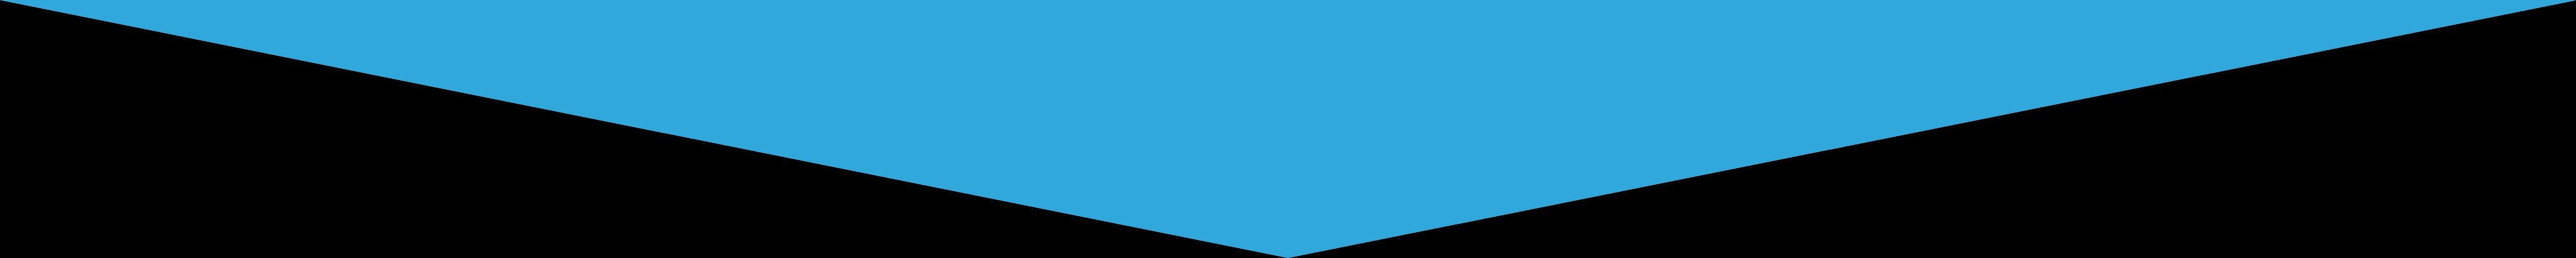 Ergebnis BuchhaltungsButler im Einsatz im Unternehmen